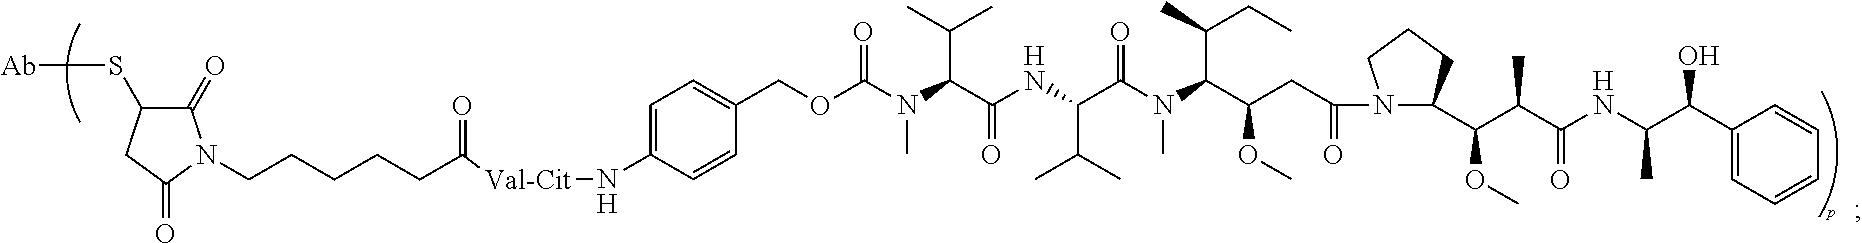 Figure US10059768-20180828-C00019